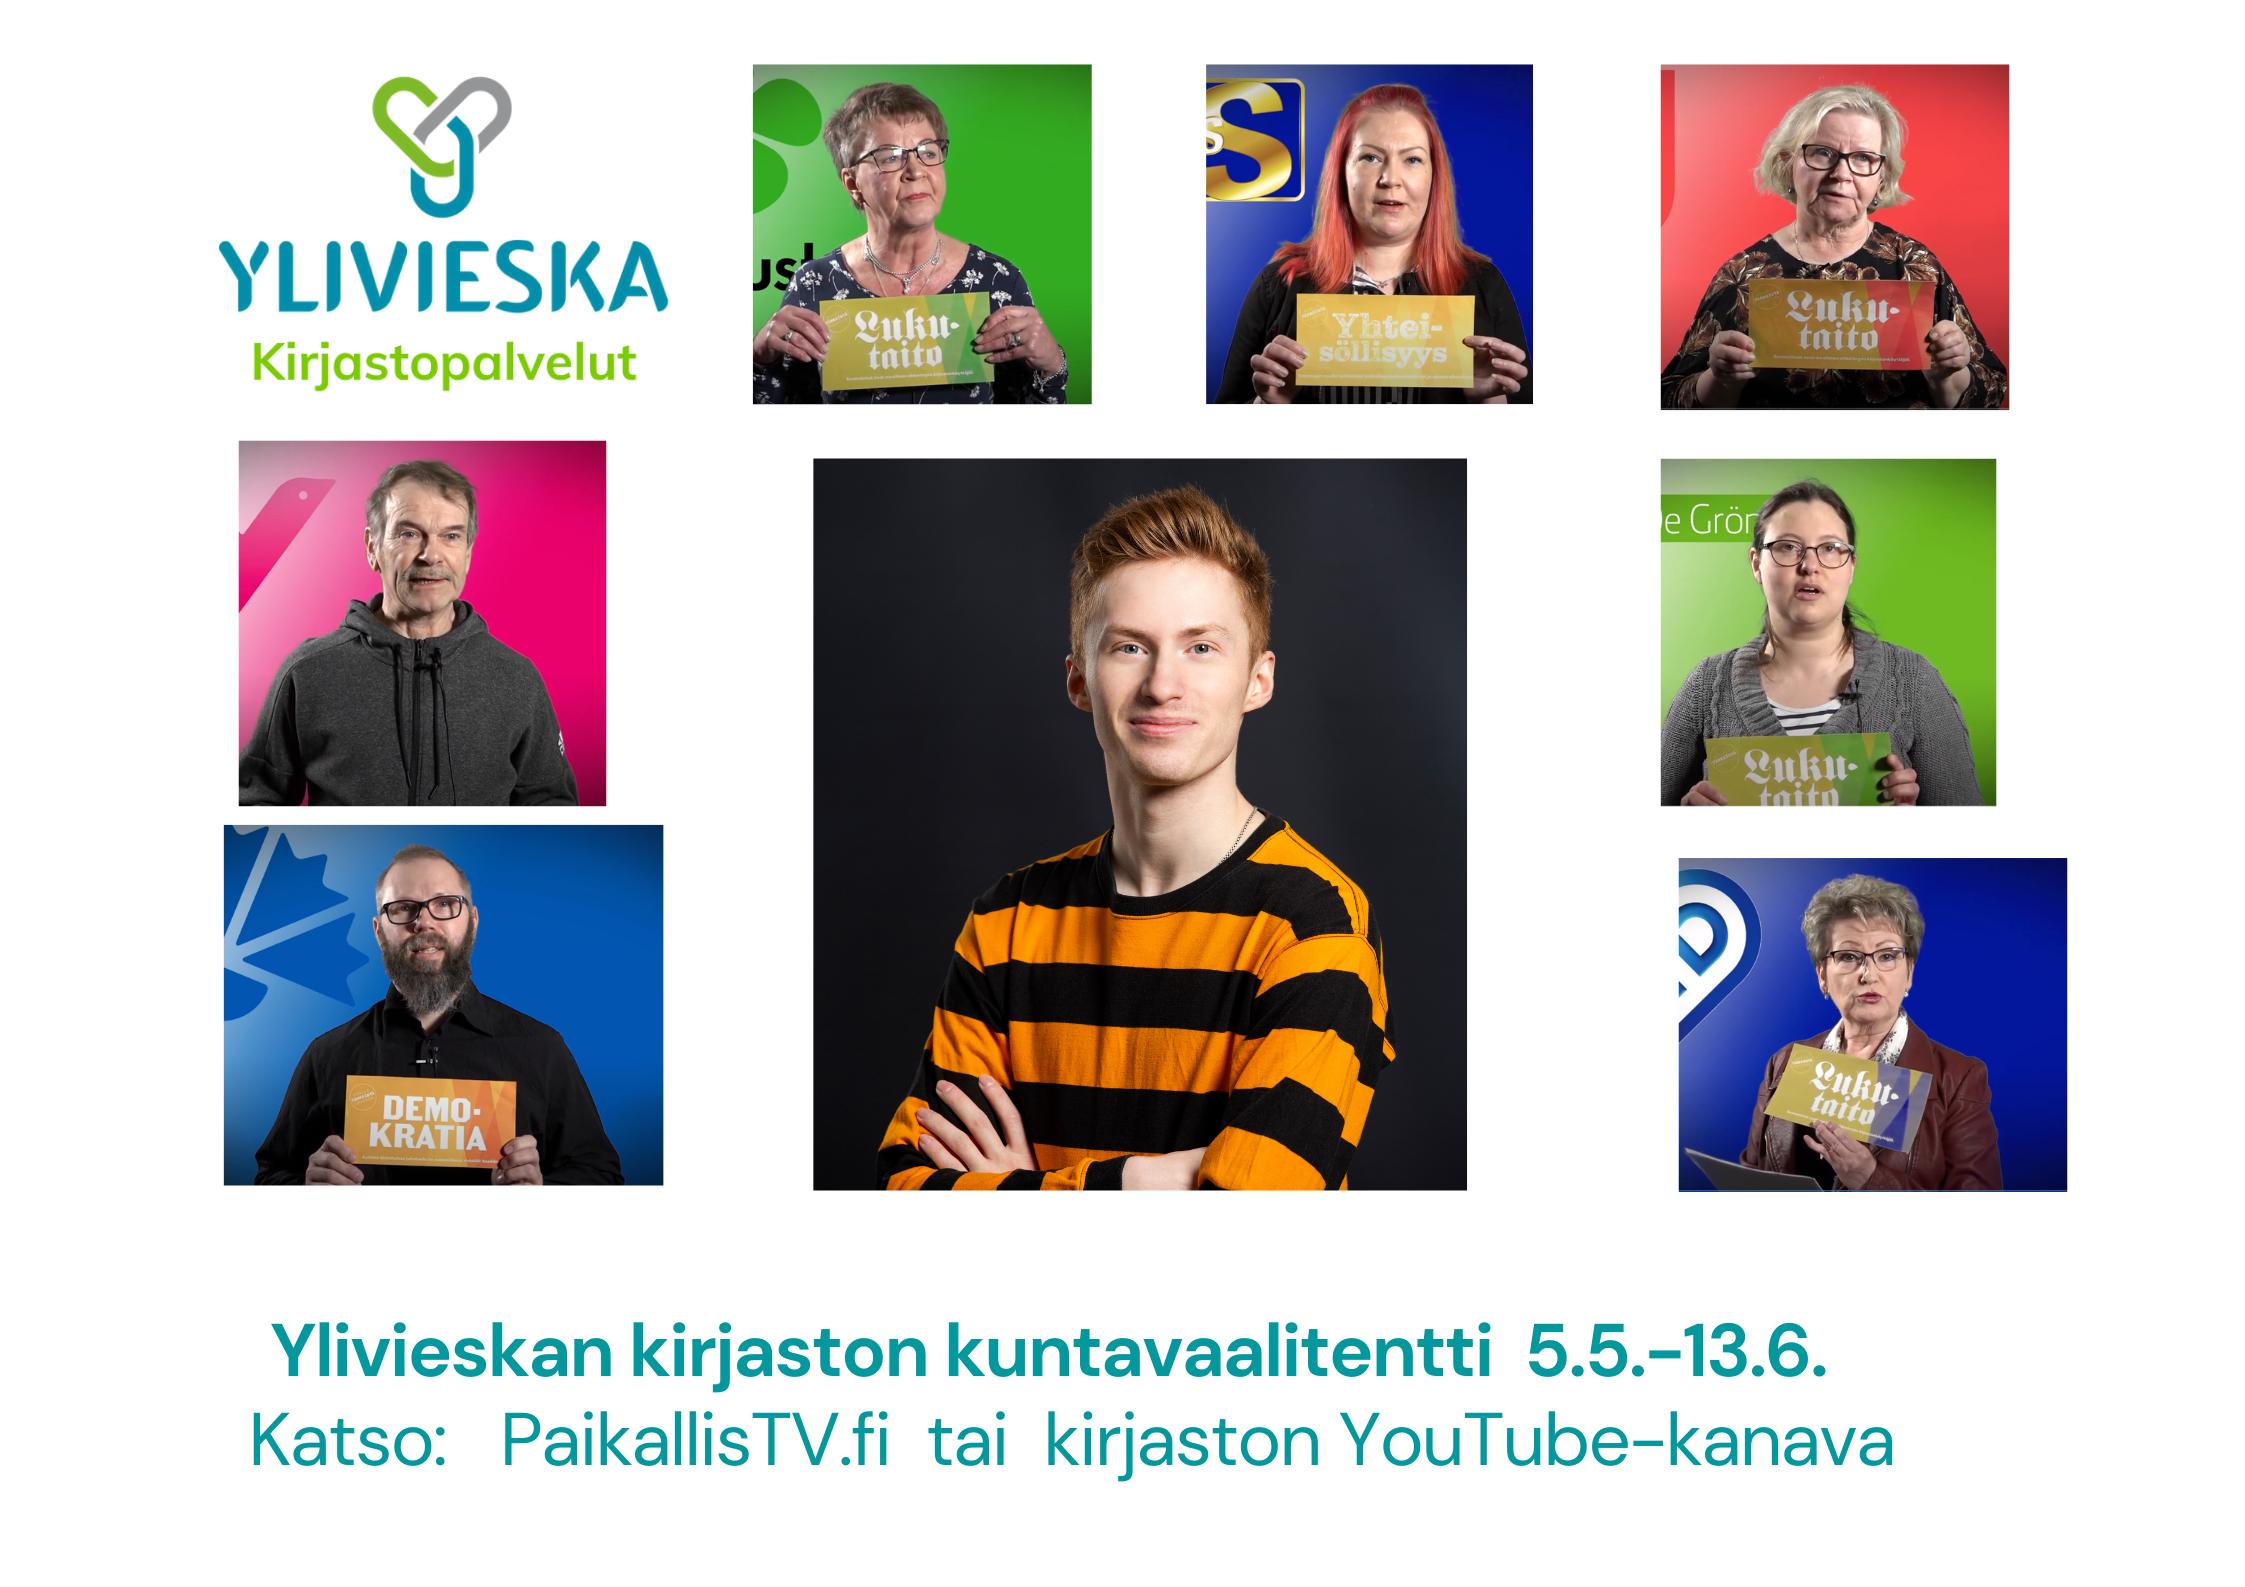 Ylivieskan kirjaston kuntavaalitentti katsottavissa 5.5.-13.6.